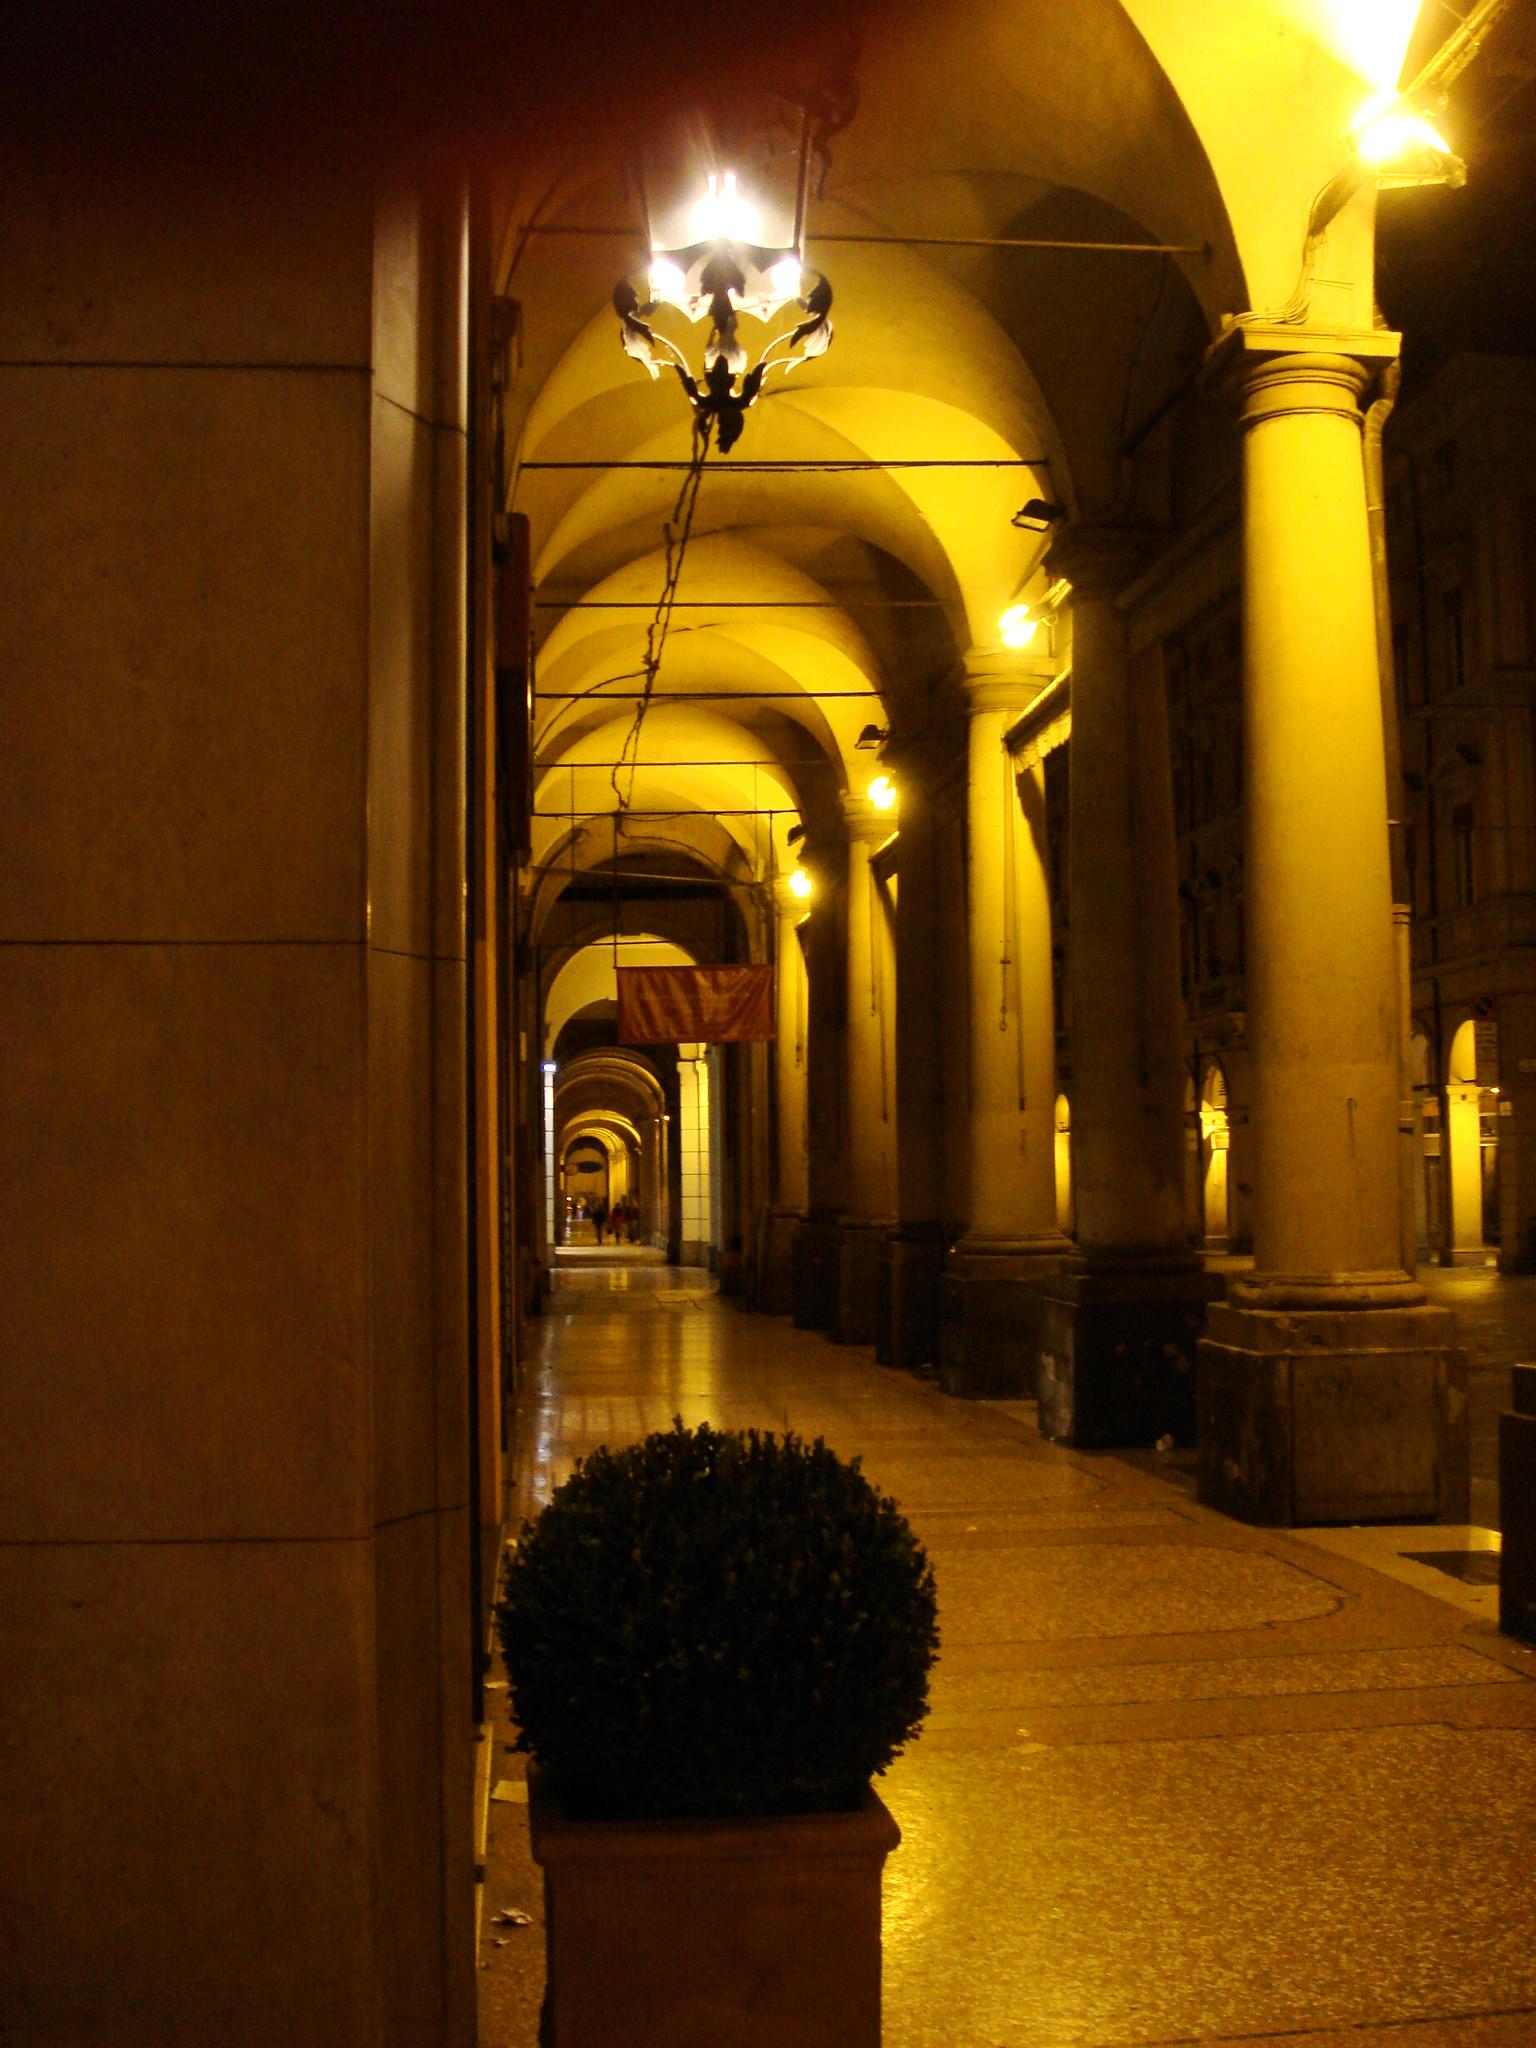 file 0079 - bologna - portici di notte